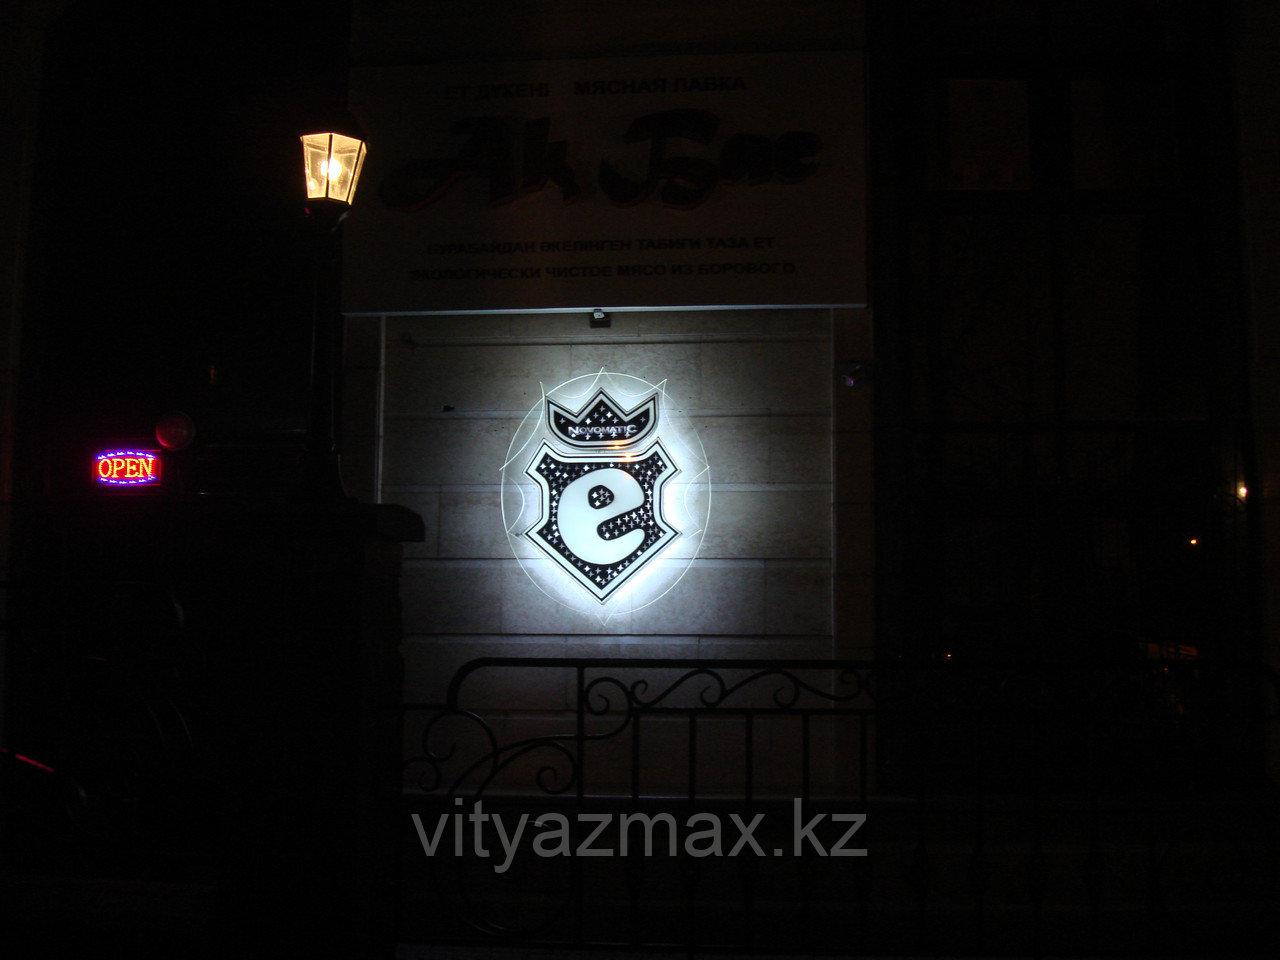 Логотип с Диодной подсветкой